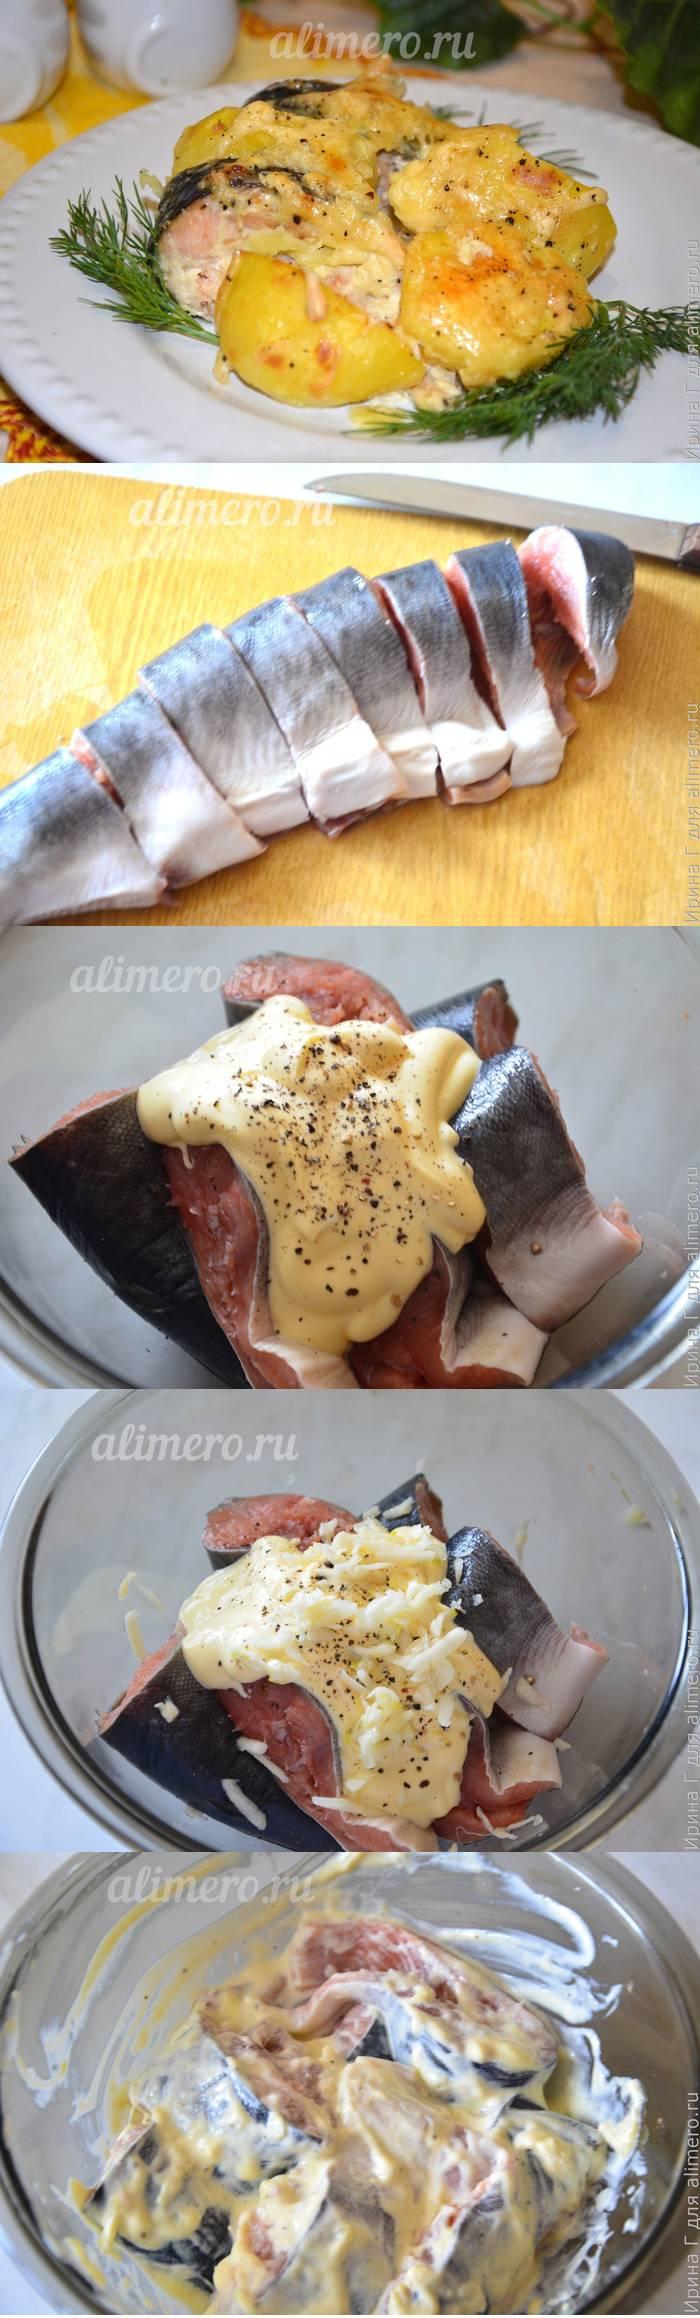 Горбуша в фольге с картошкой в духовке рецепт пошагово в